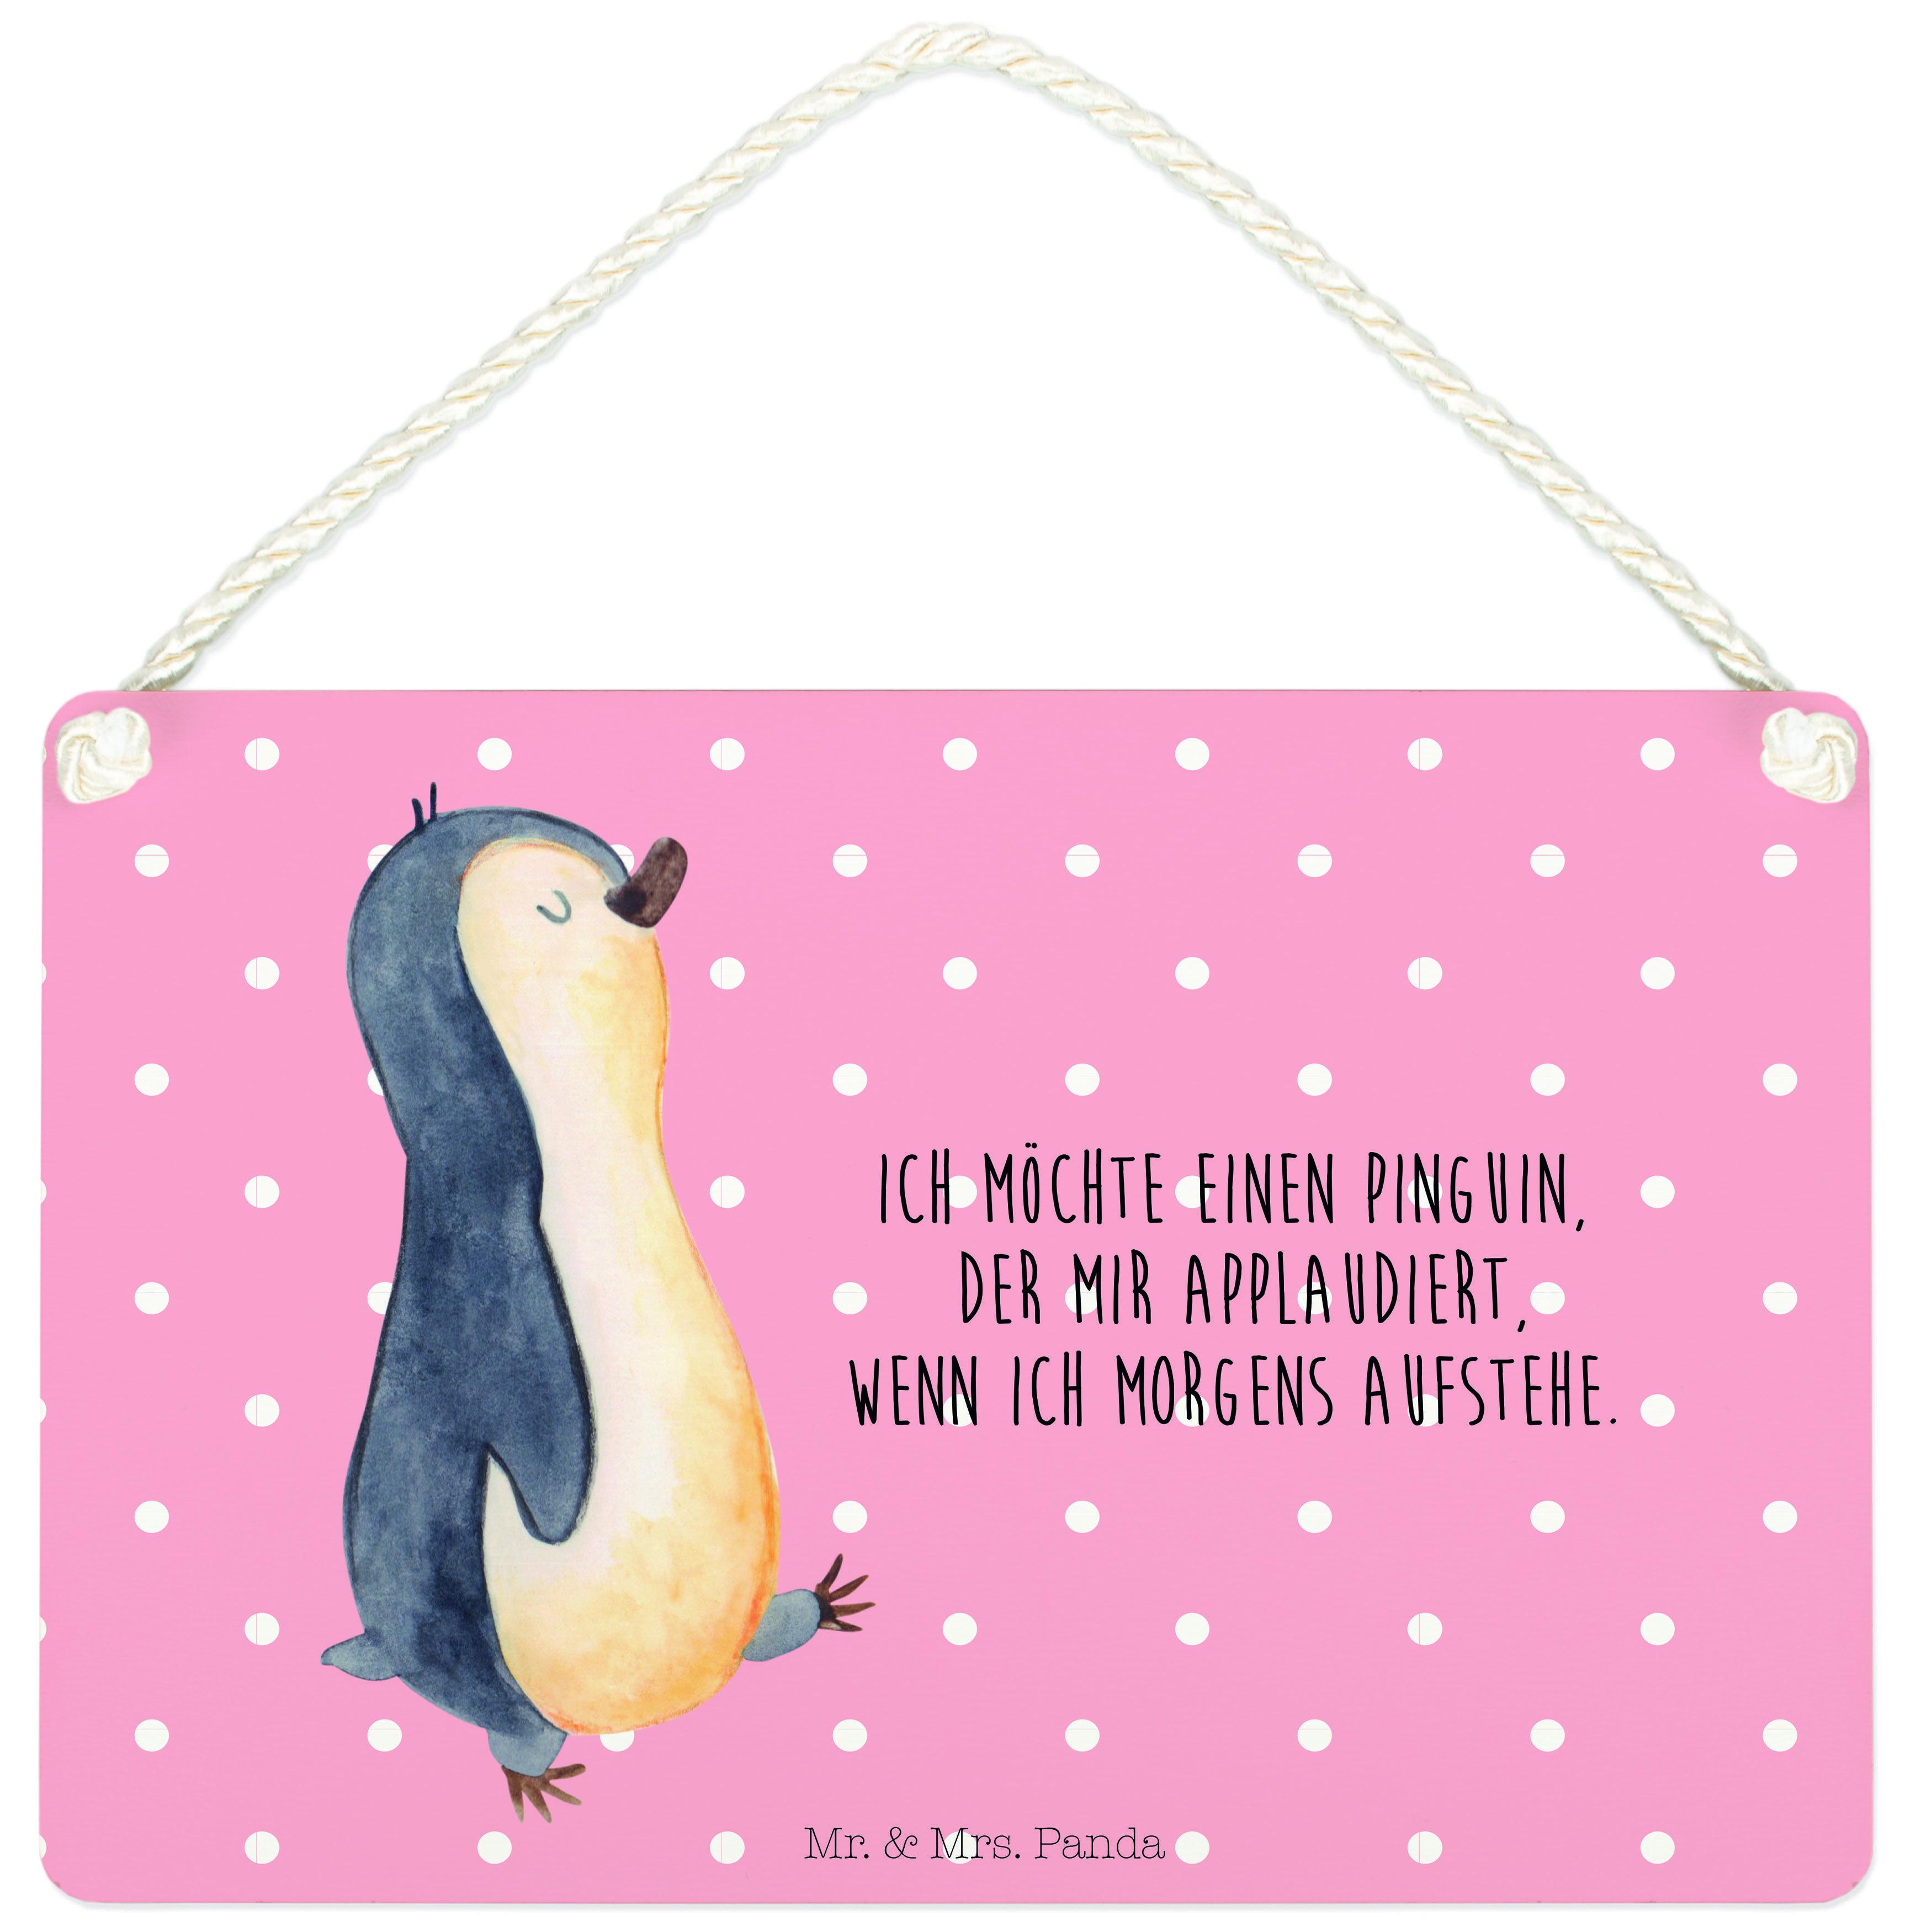 Deko Schild Pinguin marschierend aus MDF  Weiß - Das Original von Mr. & Mrs. Panda.  Ein wunderschönes Schild aus der Manufaktur von Mr. & Mrs. Panda - die Schilder werden von uns direkt nach der Bestellung liebevoll bedruckt und mit einer wunderschönen Kordel zum Aufhängen versehen.    Über unser Motiv Pinguin marschierend      Verwendete Materialien  Gefertigt aus widerstandsfähigem und hochwertigen Materialien    Über Mr. & Mrs. Panda  Mr. & Mrs. Panda - das sind wir - ein junges Pärchen aus